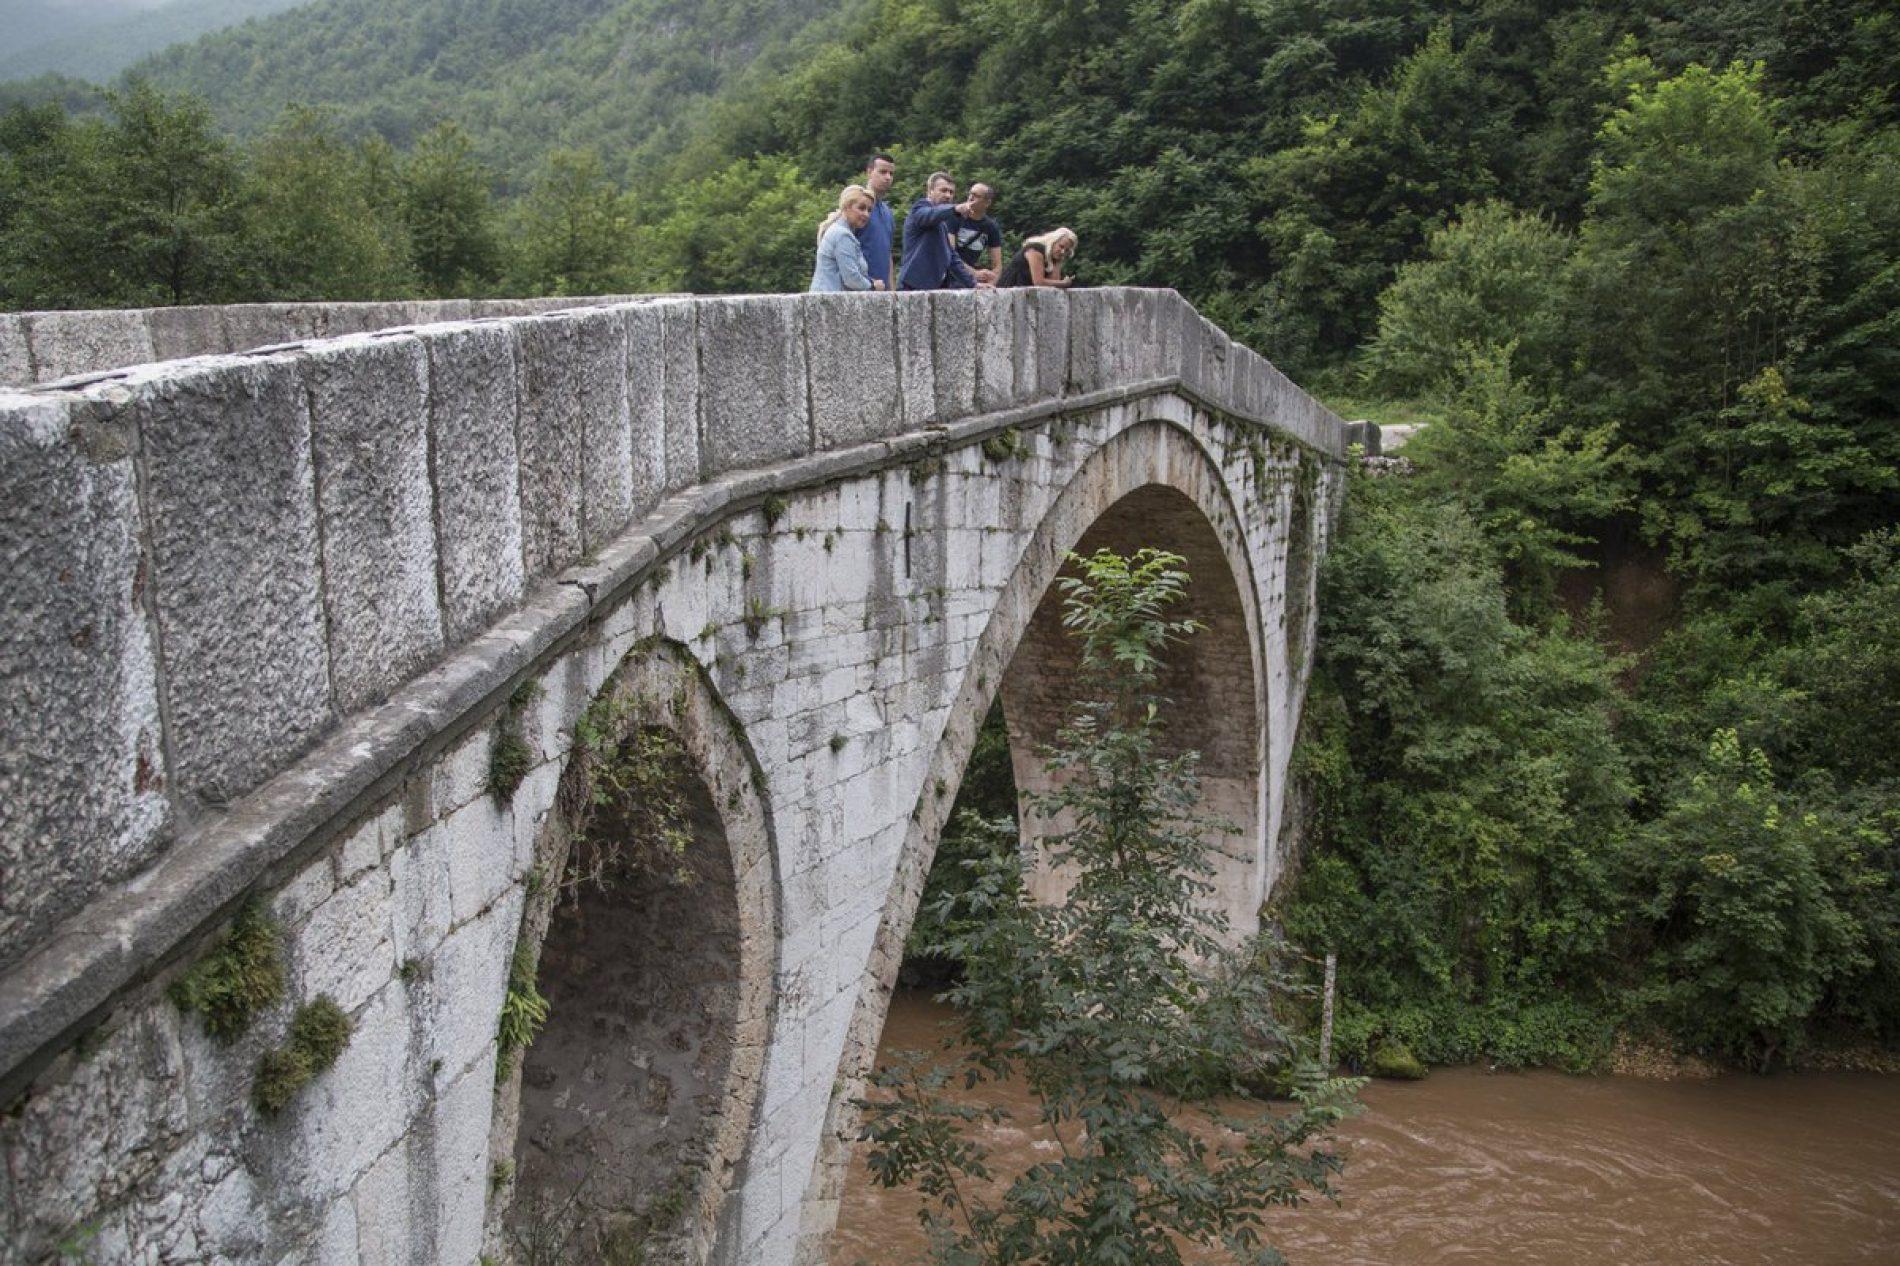 Uređenje historijskog puta Bentbaša-Kozija ćuprija: Vraćanje iz zaborava i obogaćivanje turističke ponude Sarajeva